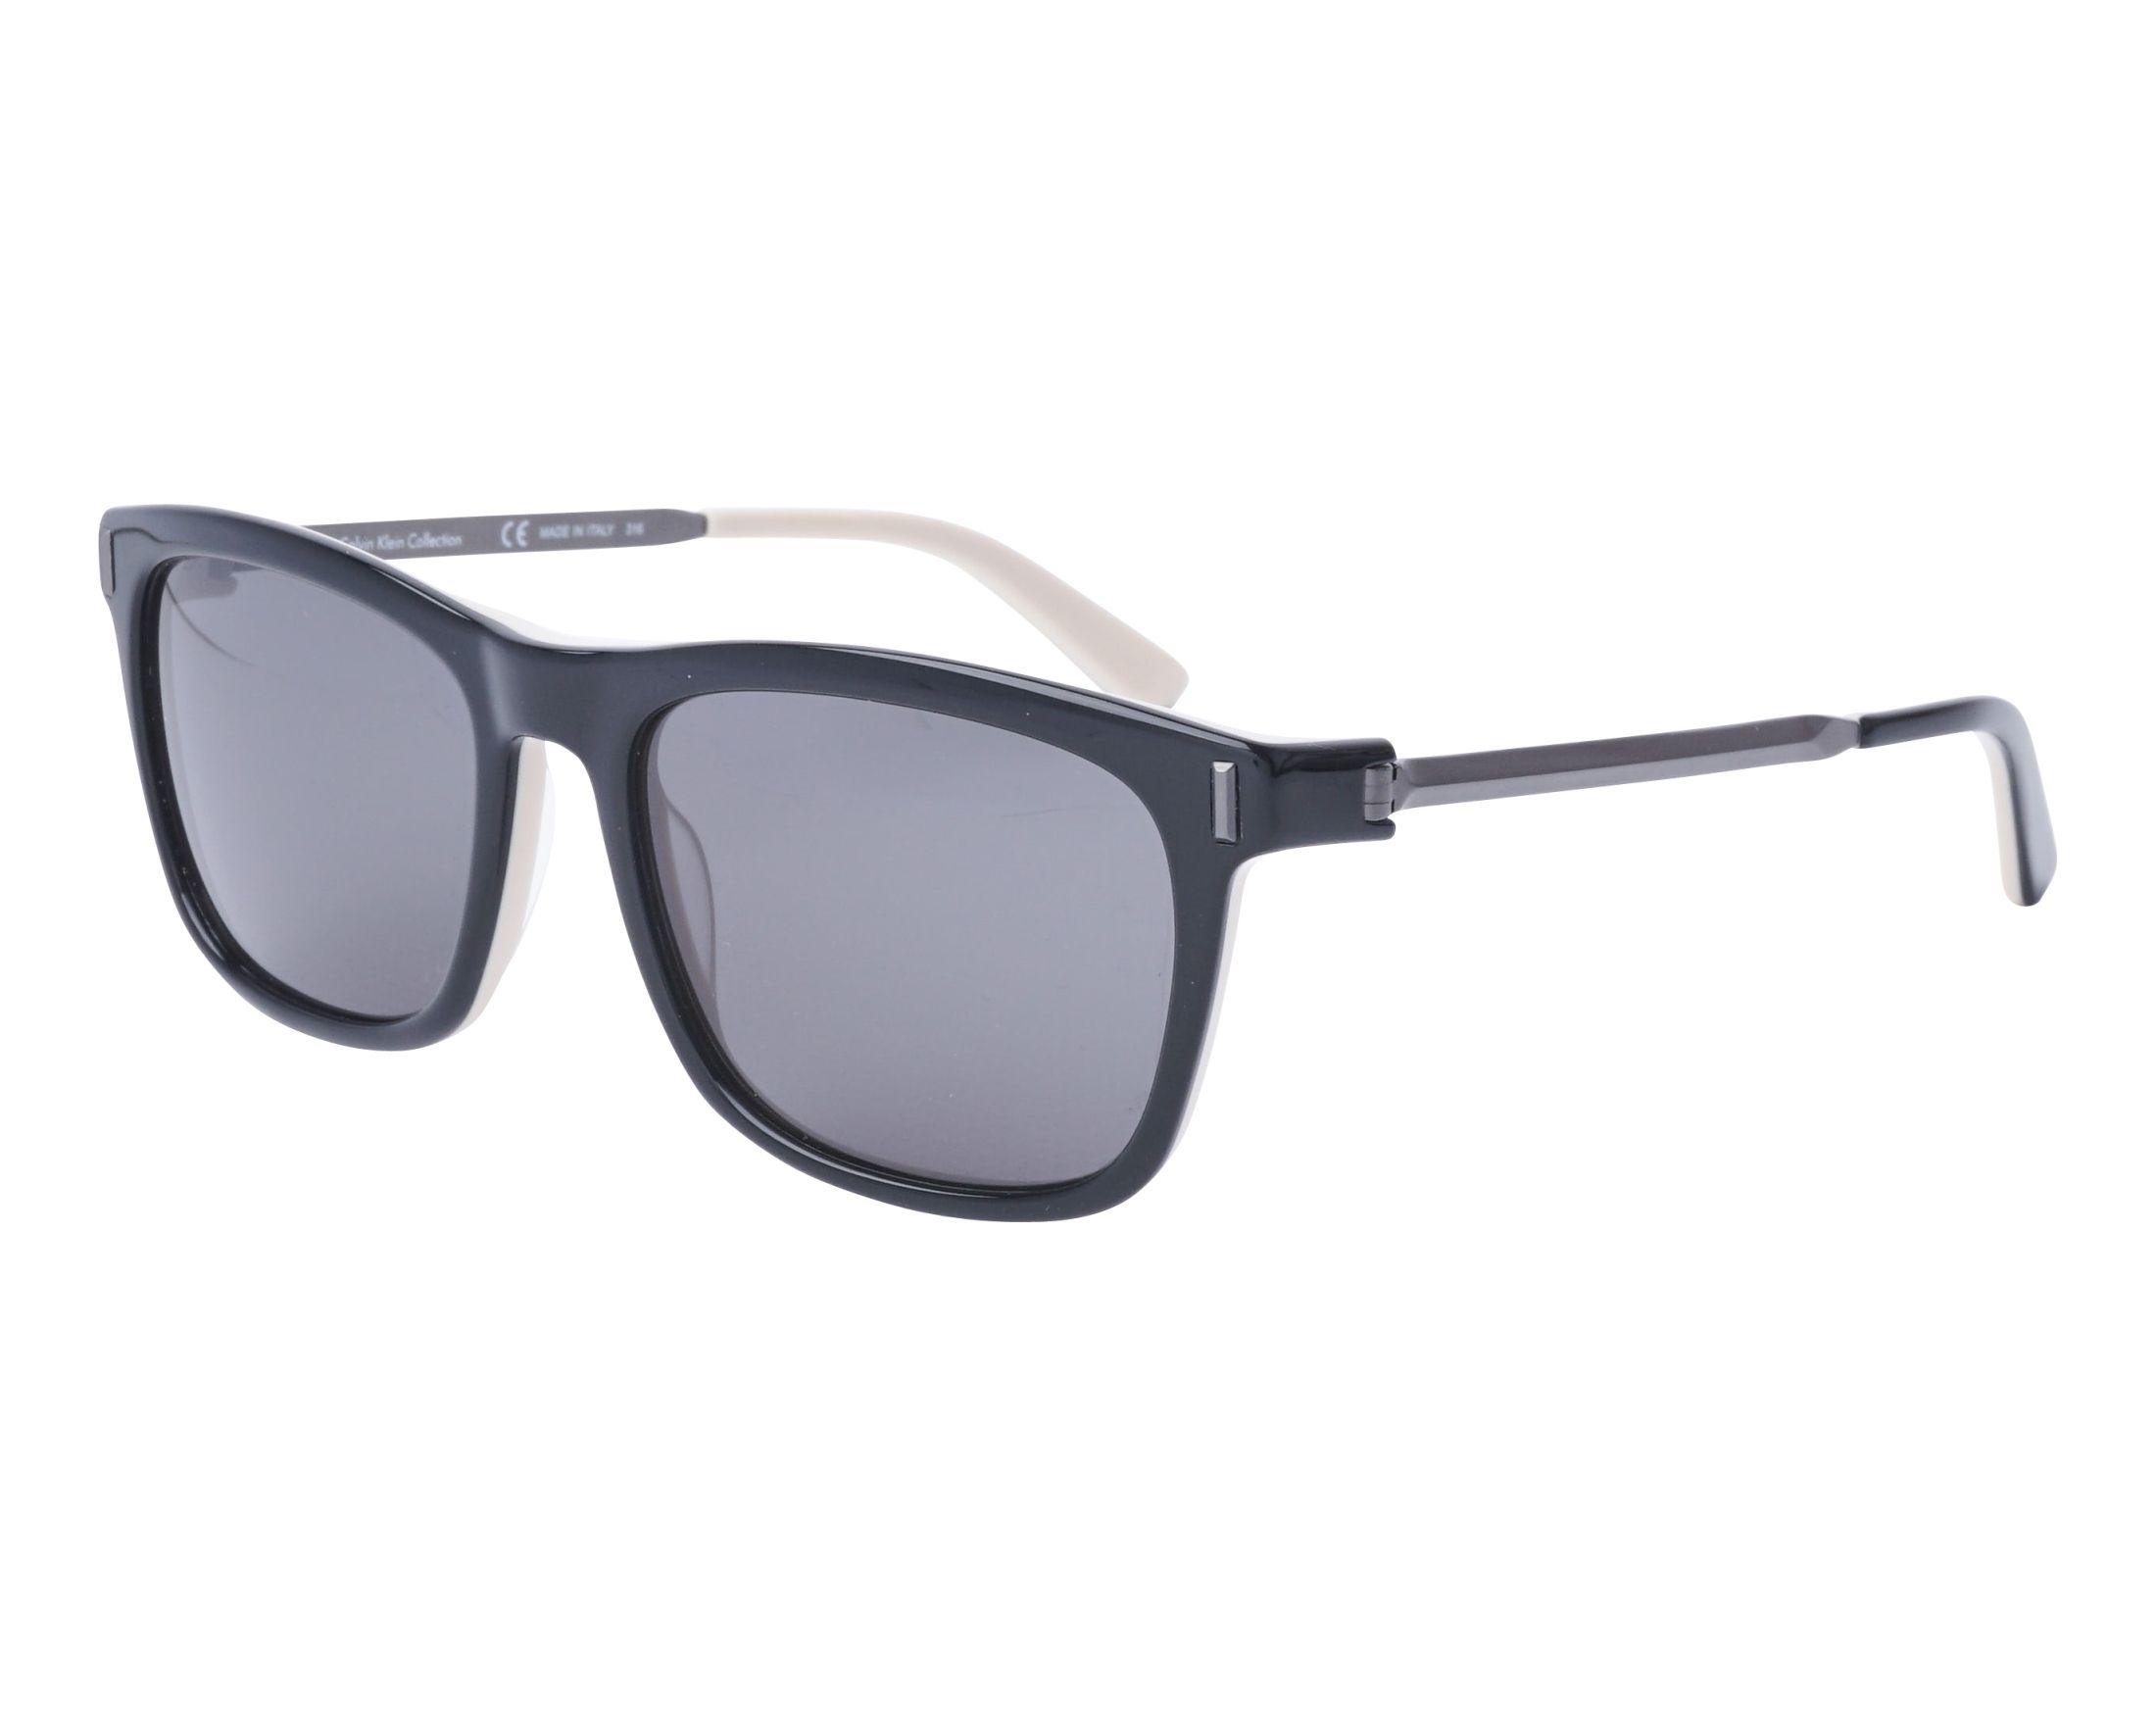 36a9163321 Gafas de sol Calvin Klein CK-8545-S 073 56-18 Negra Beige